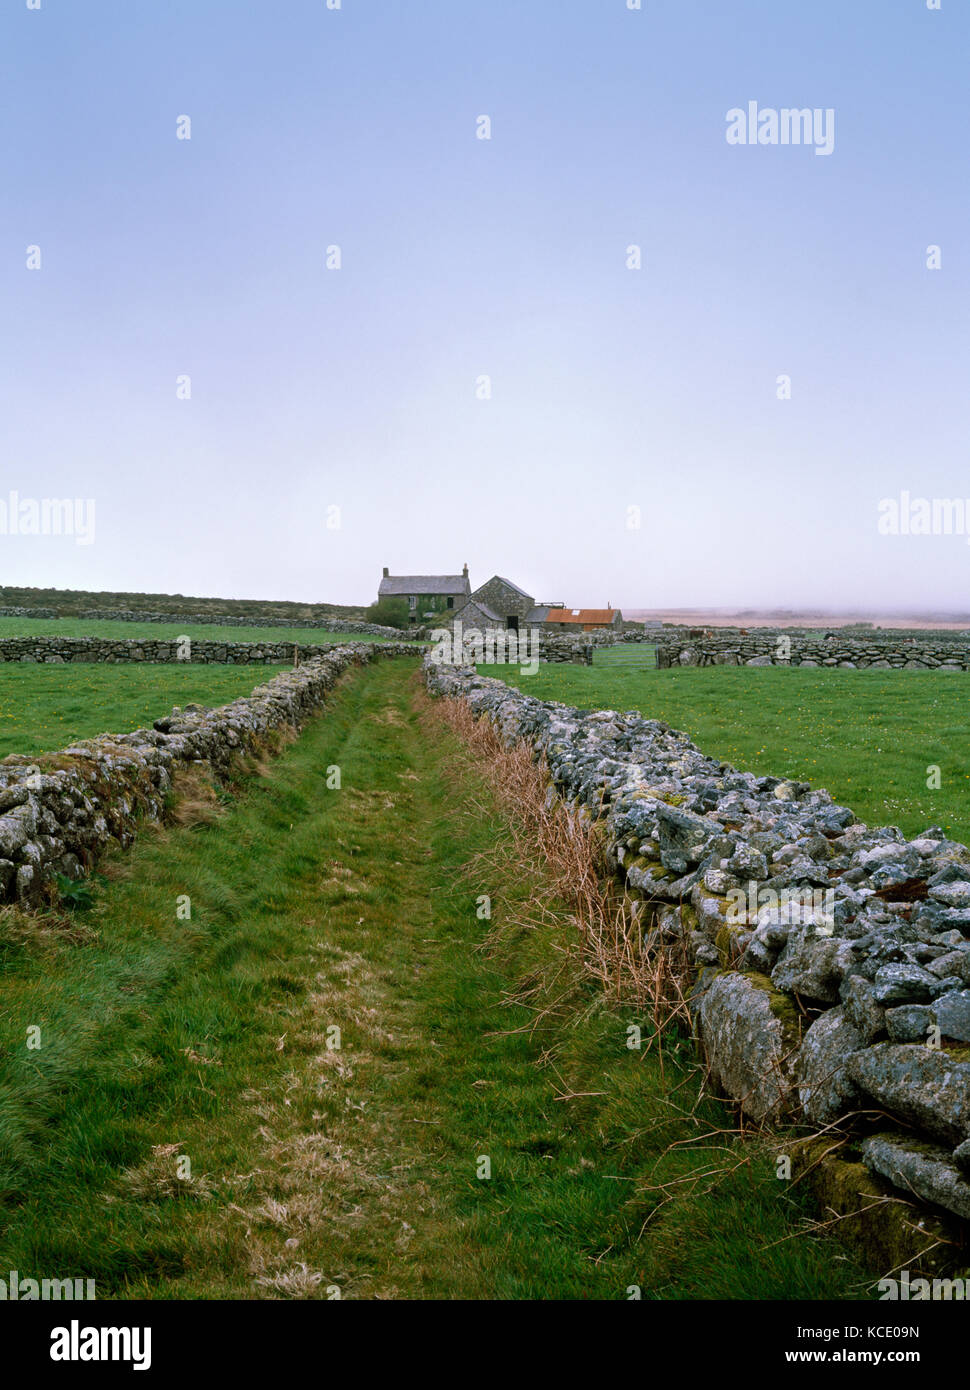 Maison Bosullow couronnement, commun. Construite en pierre de granit traditionnel en ruine de ferme et dépendances, Banque D'Images